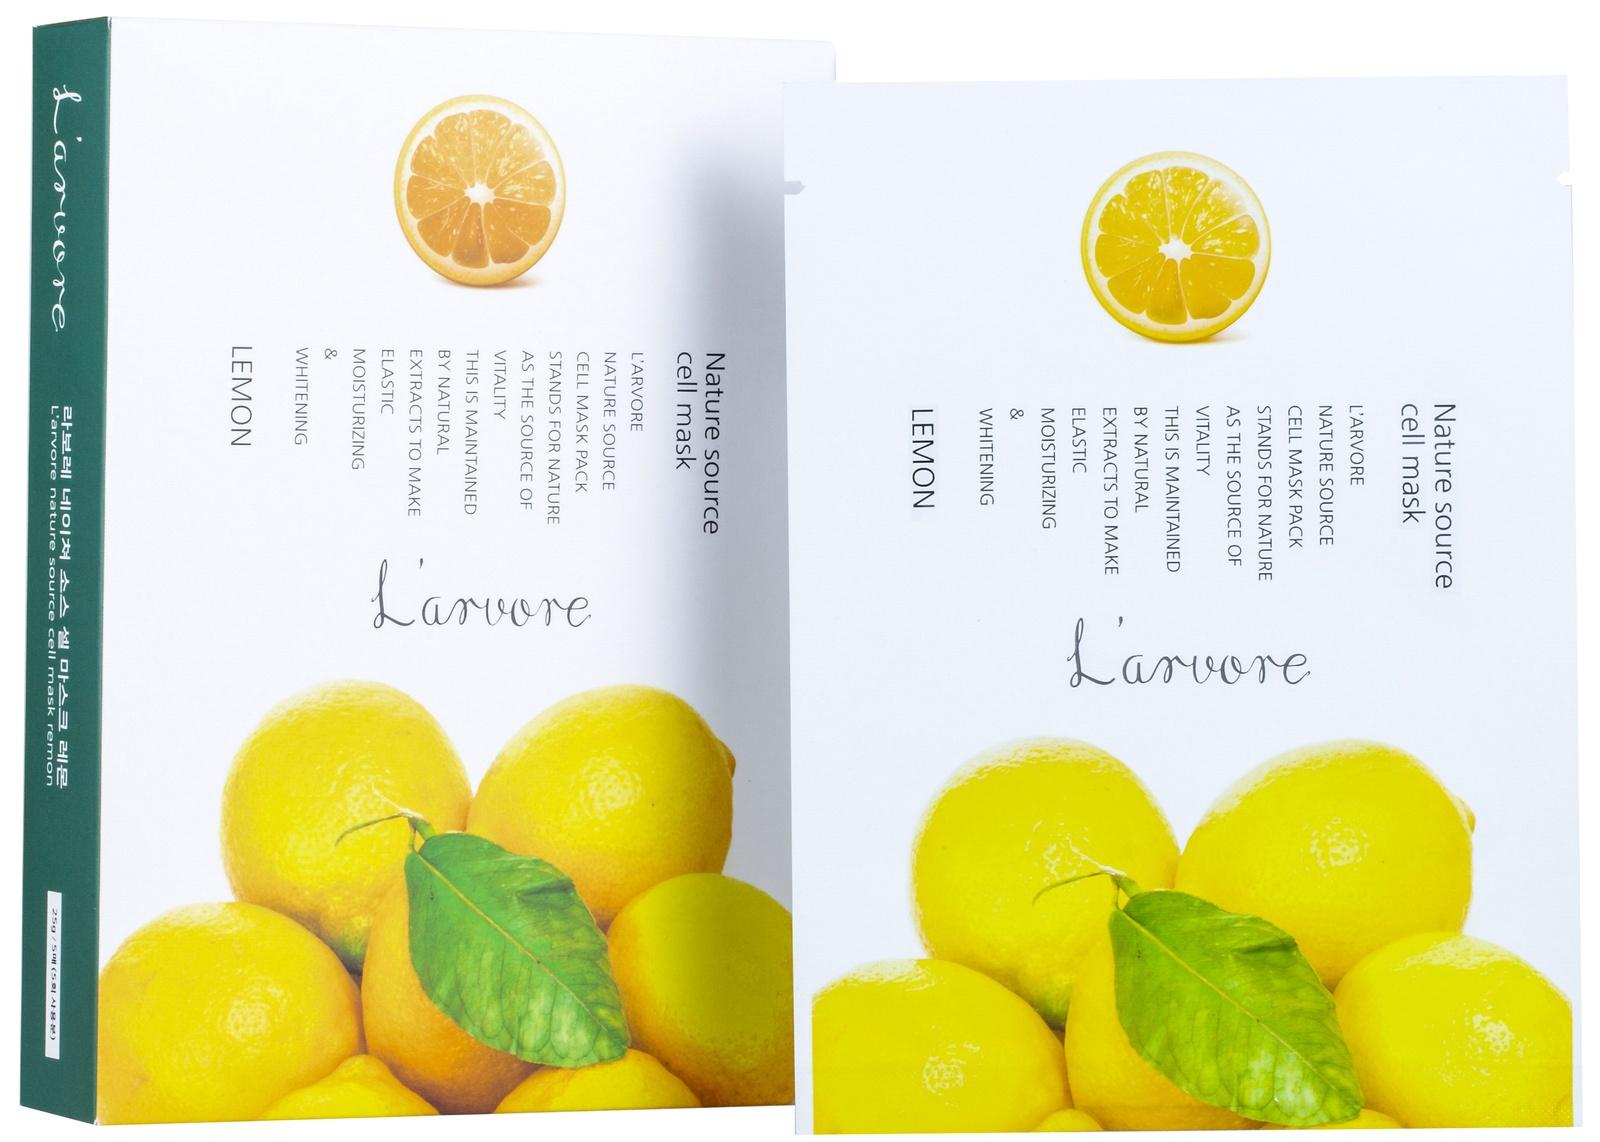 Набор тканевых масок для лица с экстрактом лимона L'arvore Nature Source Cell Mask Lemon, 25гр.х5шт. frudia blueberry hydrating natural maintains moisture увлажняющая тканевая маска для лица с экстрактом черники 27 мл